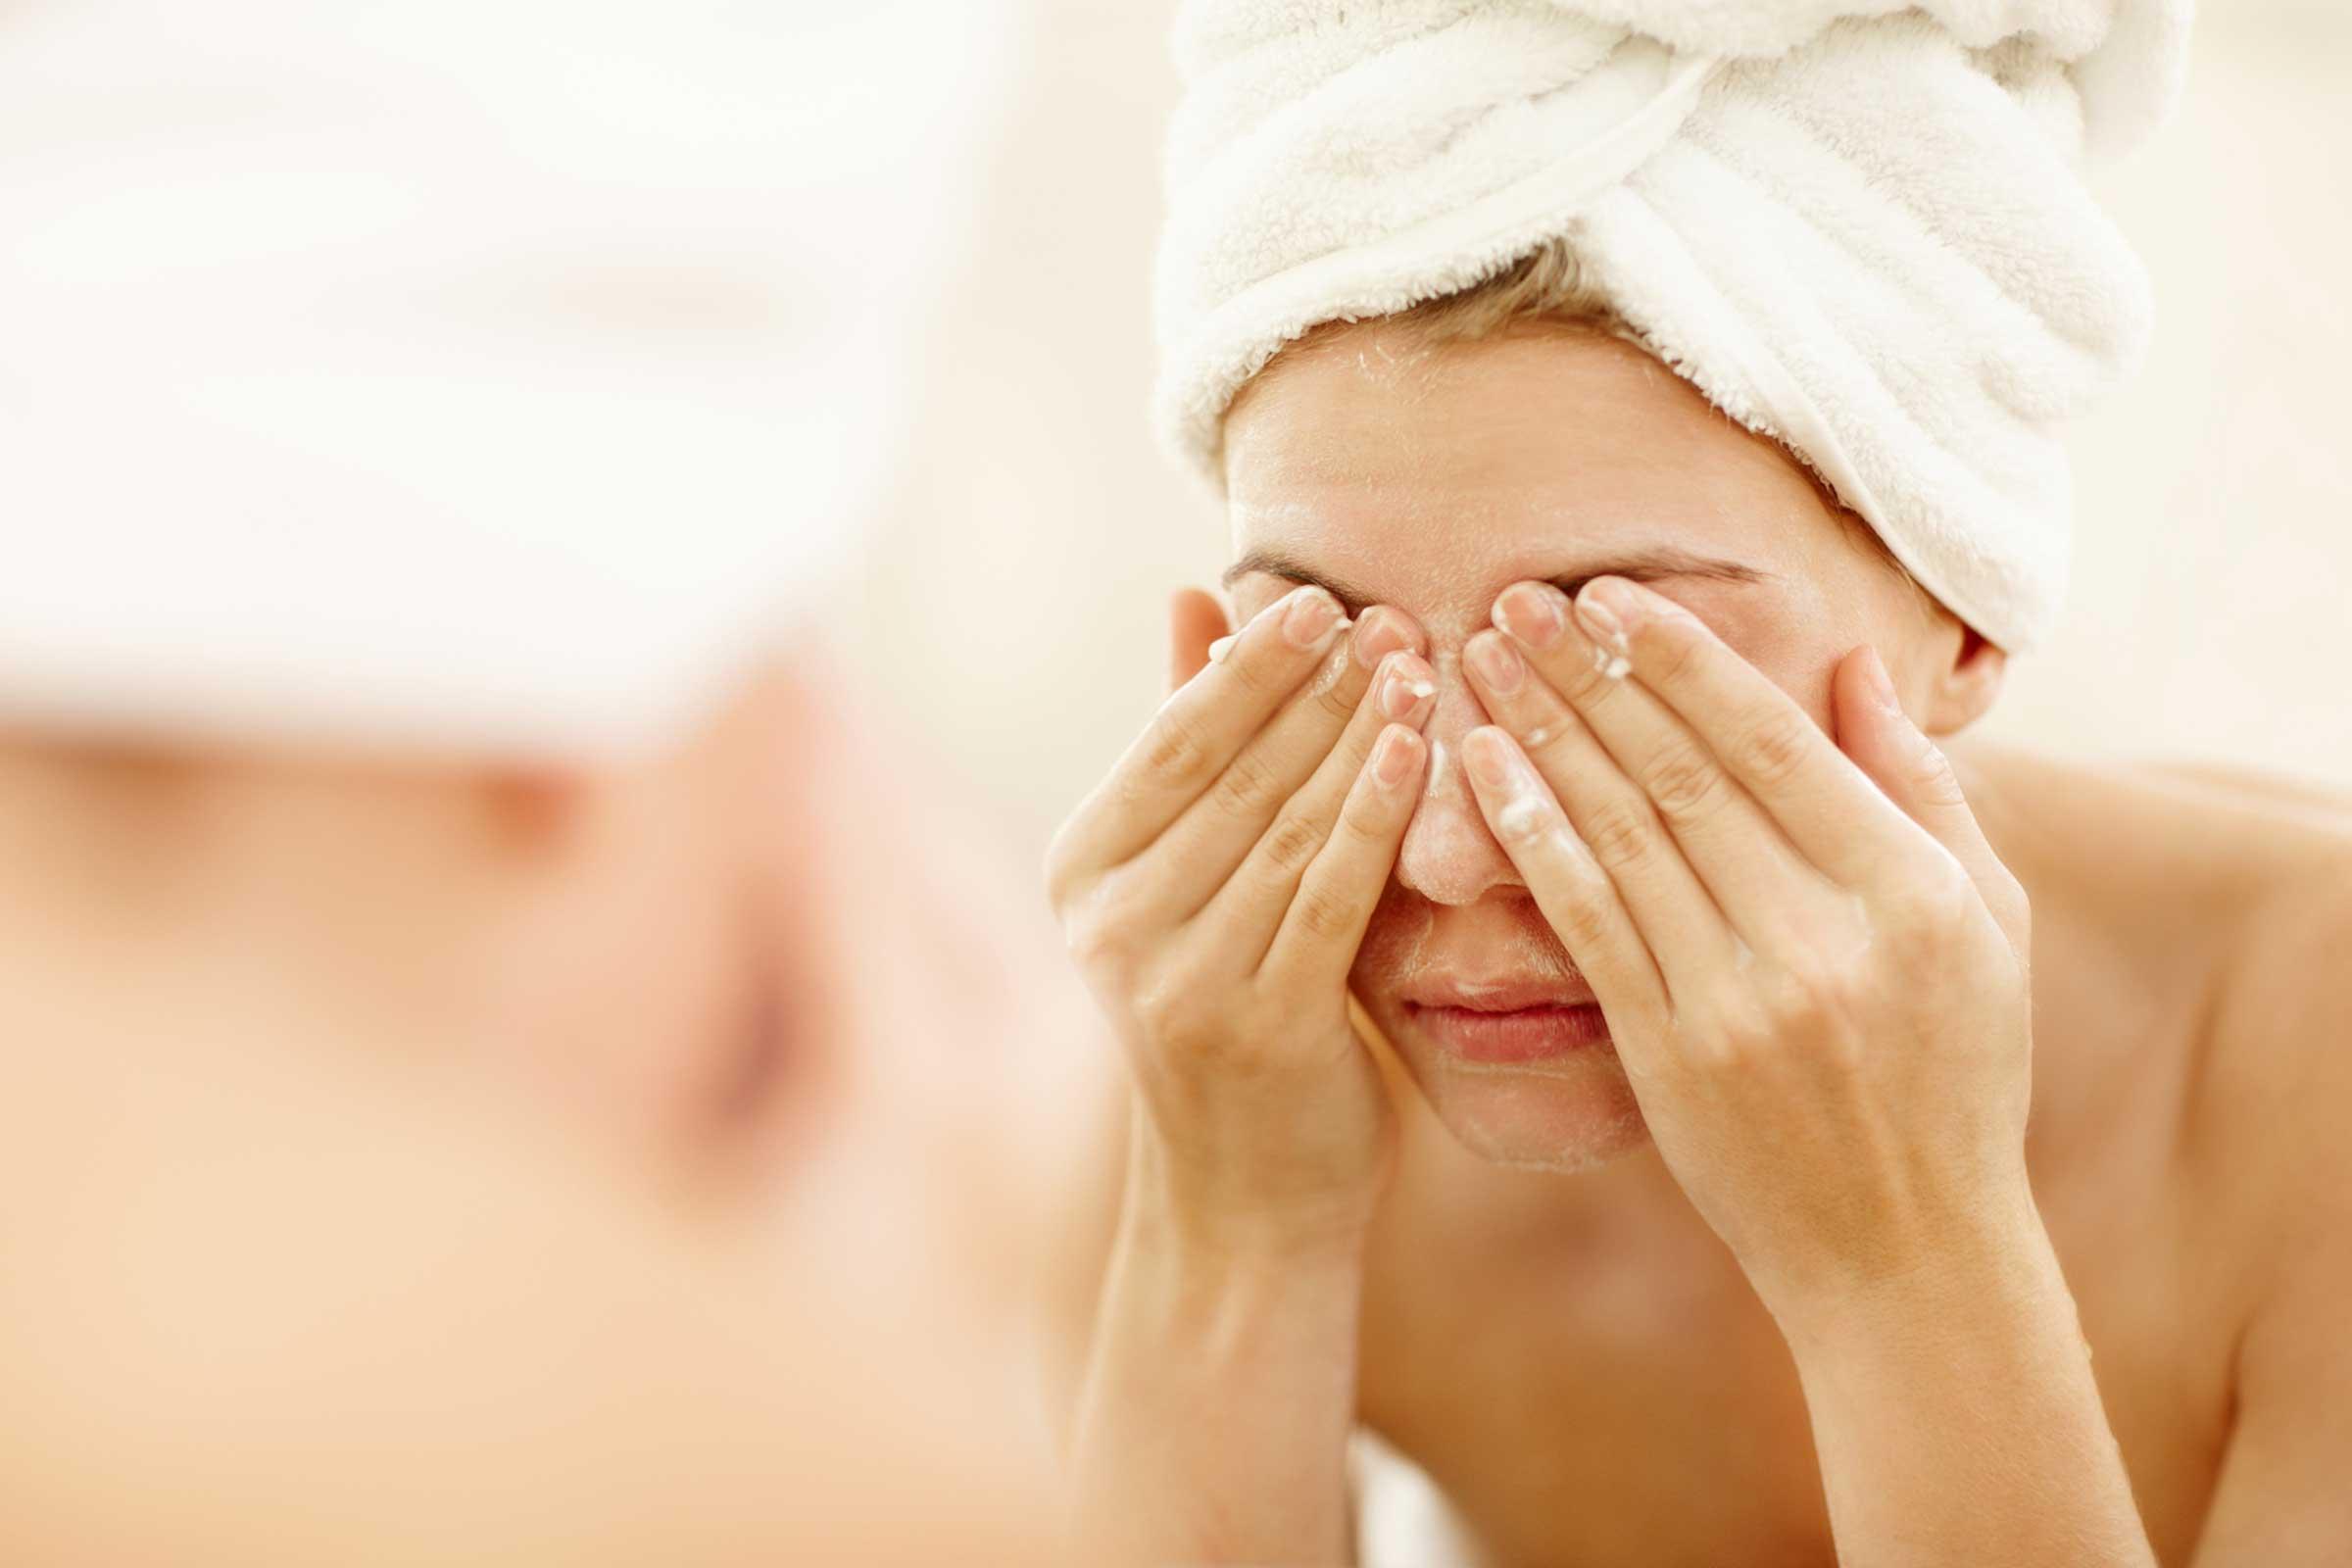 The Night Skincare